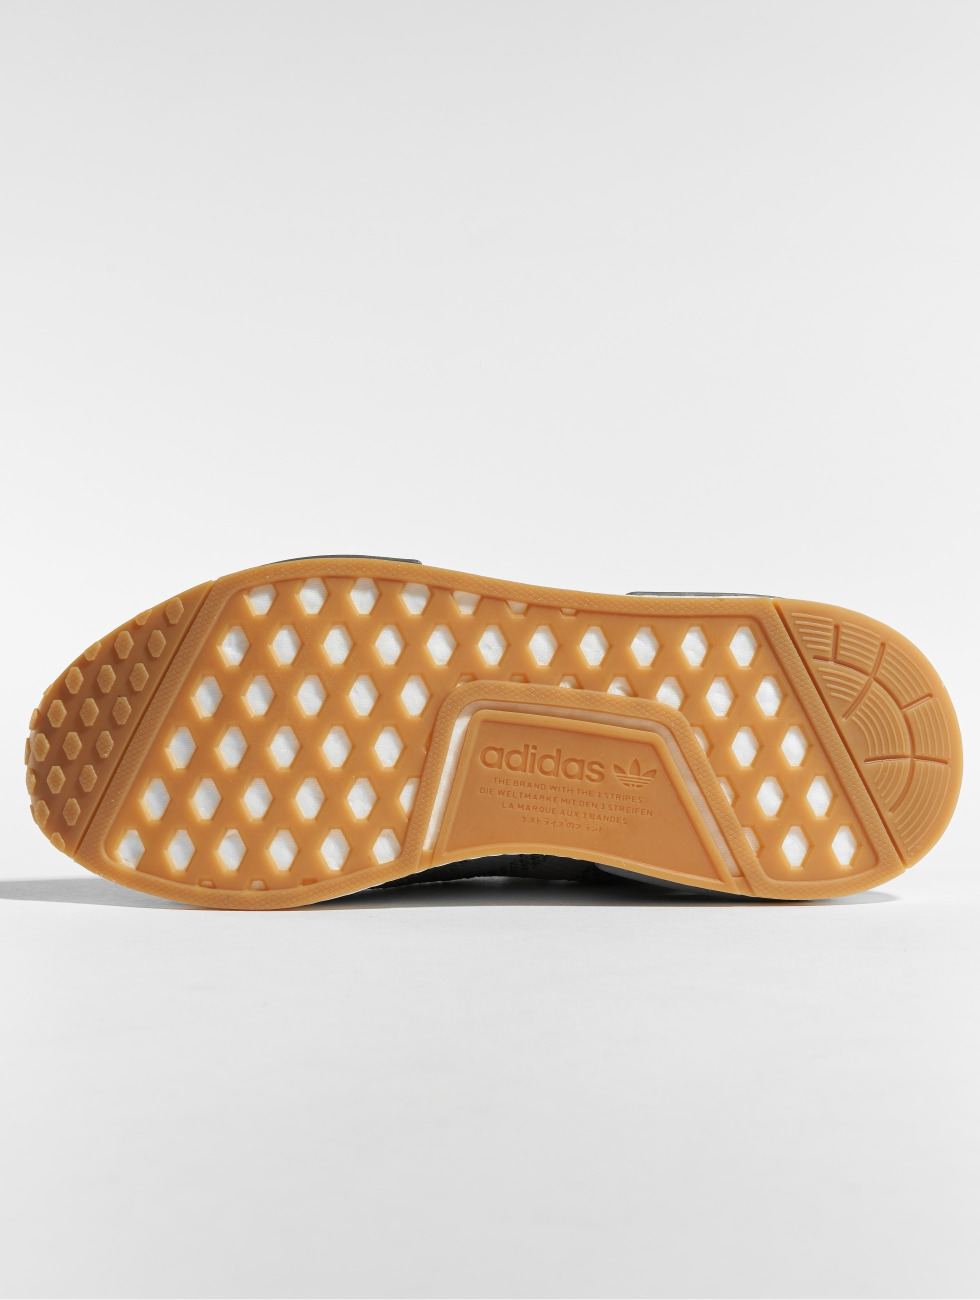 adidas originals schoen / sneaker Nmd_r1 in grijs 498523 Uit Nederland Online fihb7